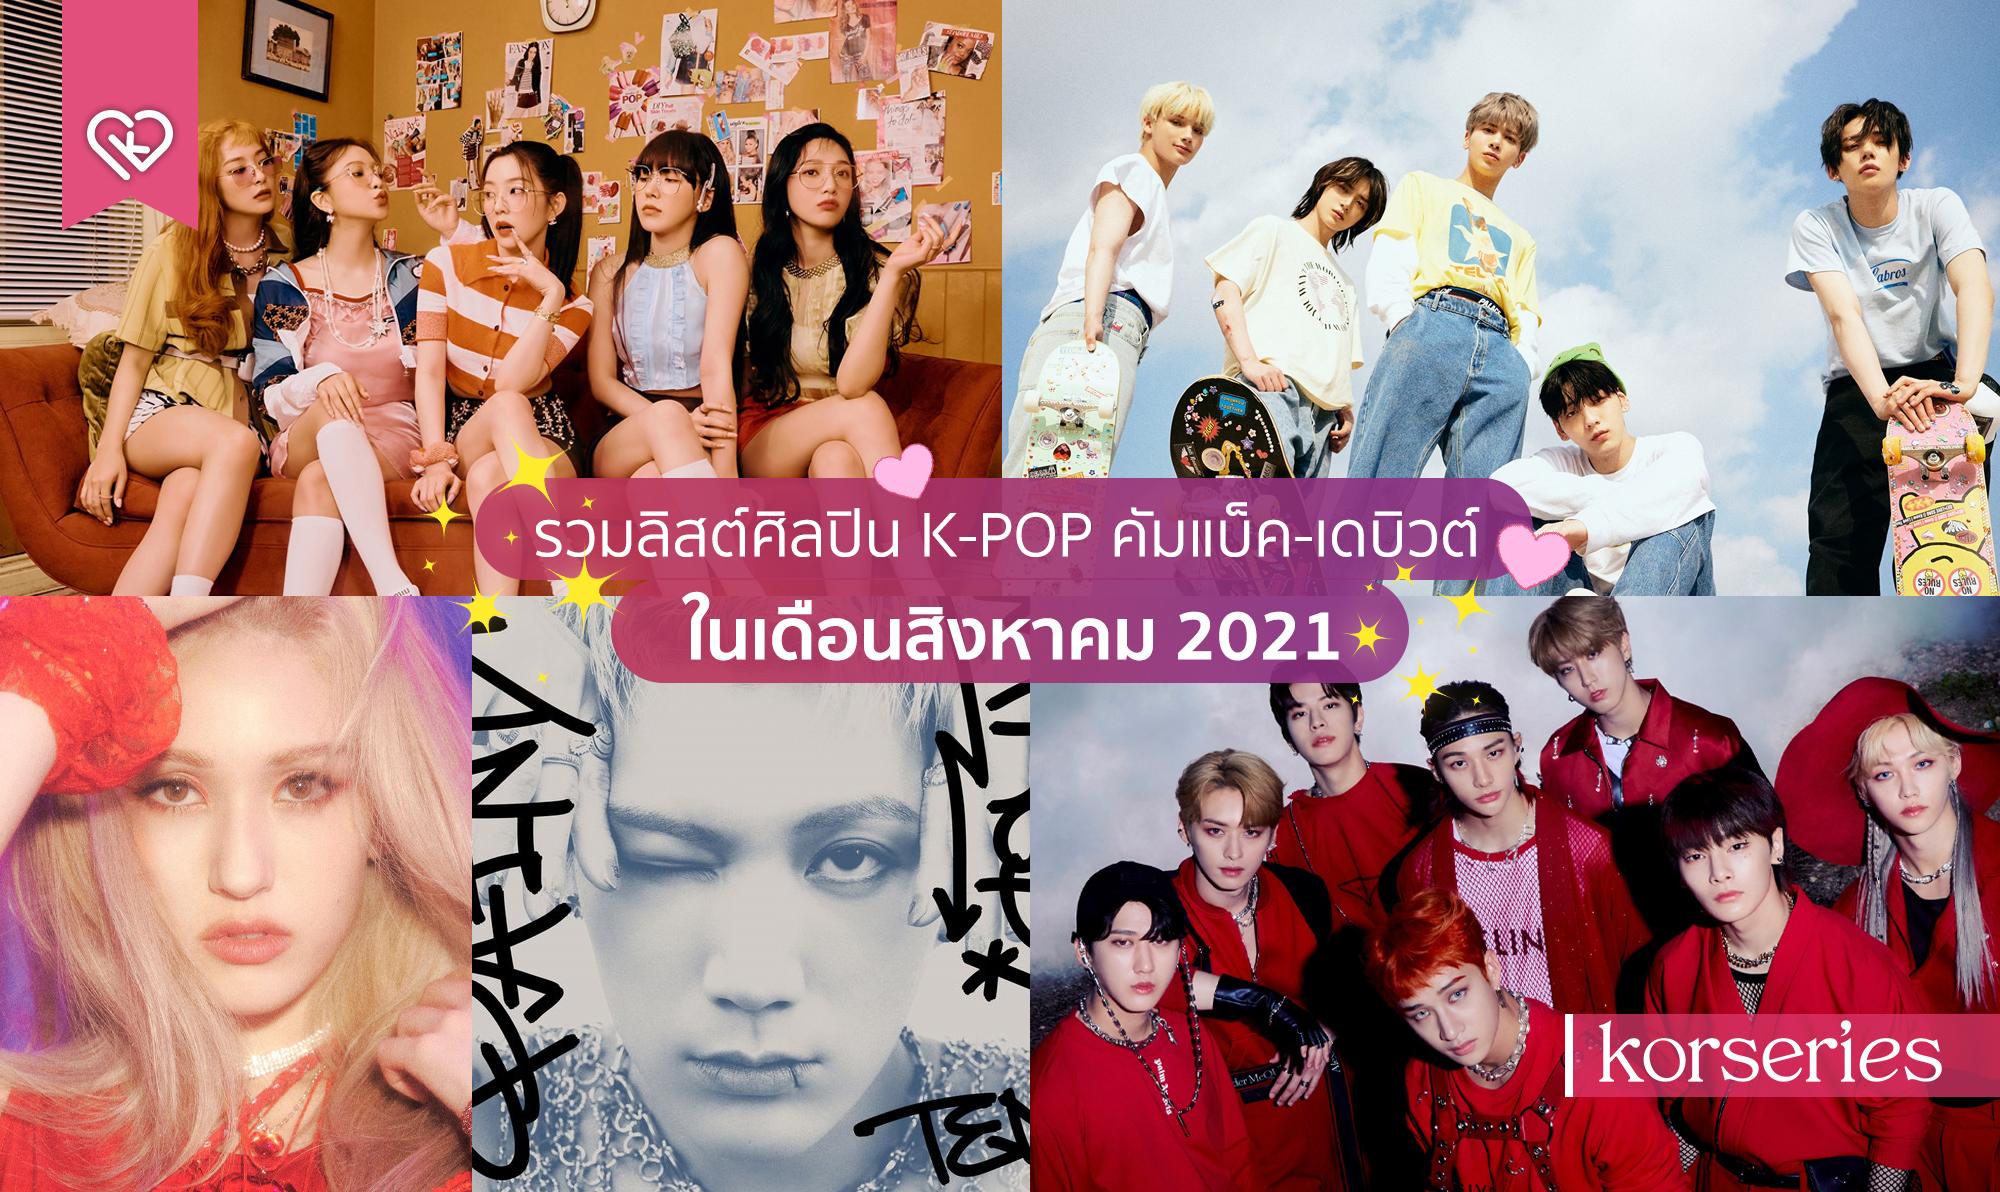 รวมลิสต์ศิลปิน K-POP คัมแบ็ค-เดบิวต์ในเดือนสิงหาคม 2021